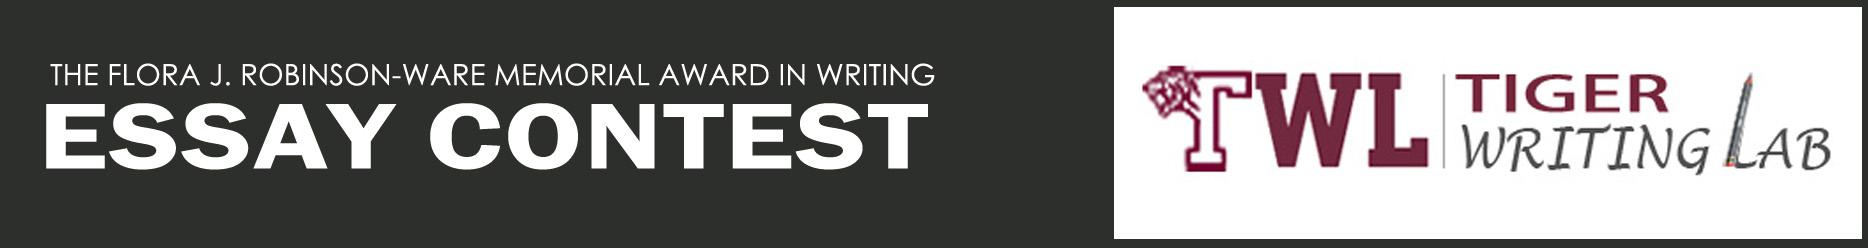 twl-essay-contest